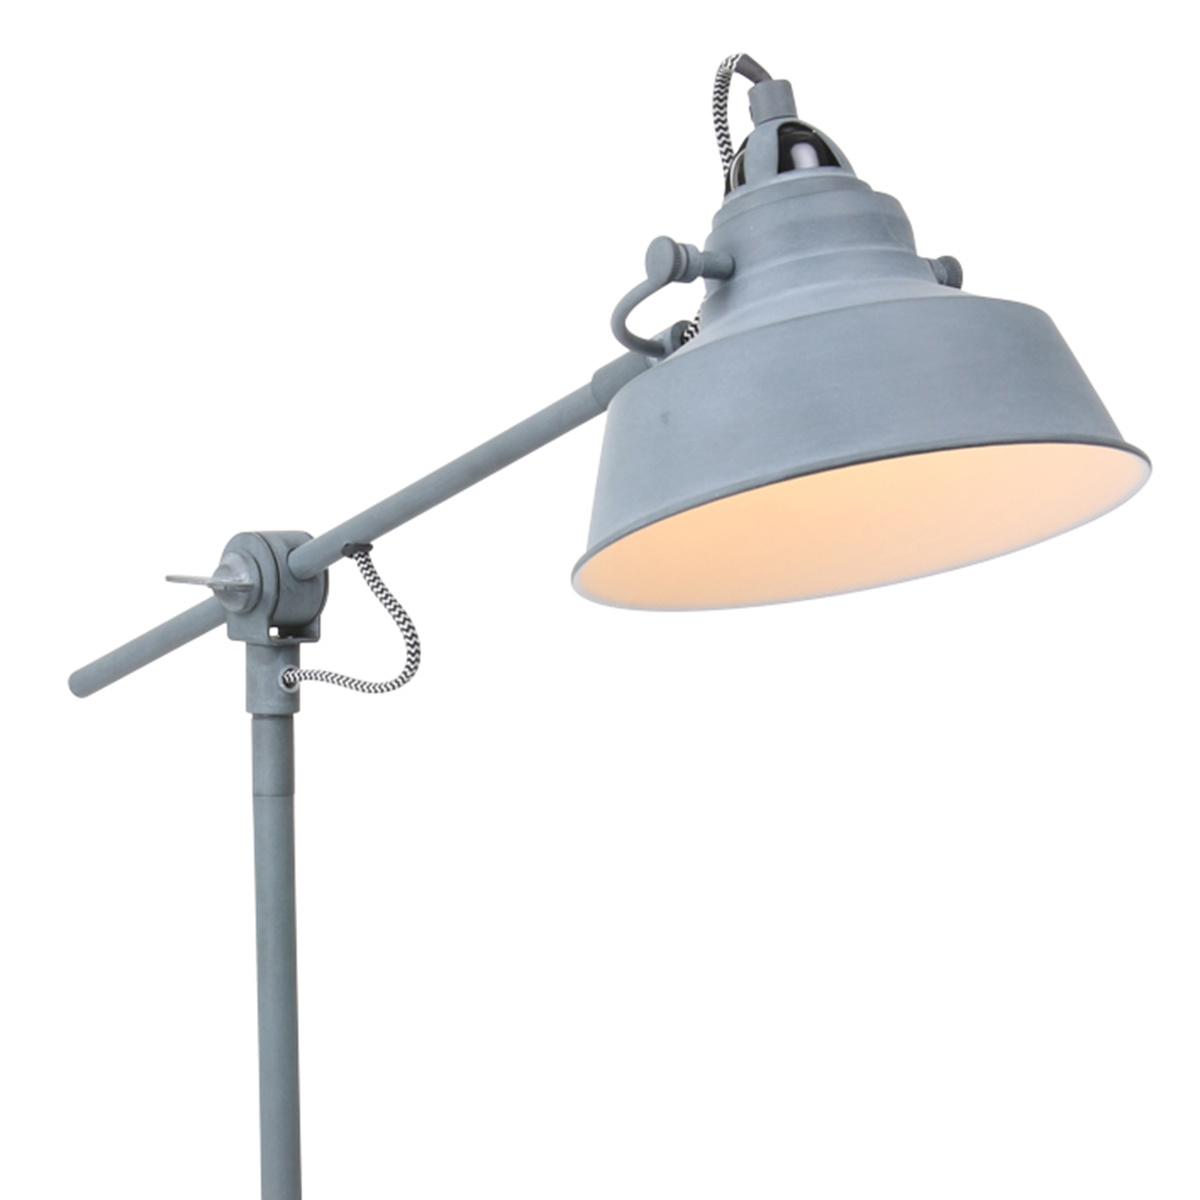 Mexlite Tafellamp mexlite nove grijs